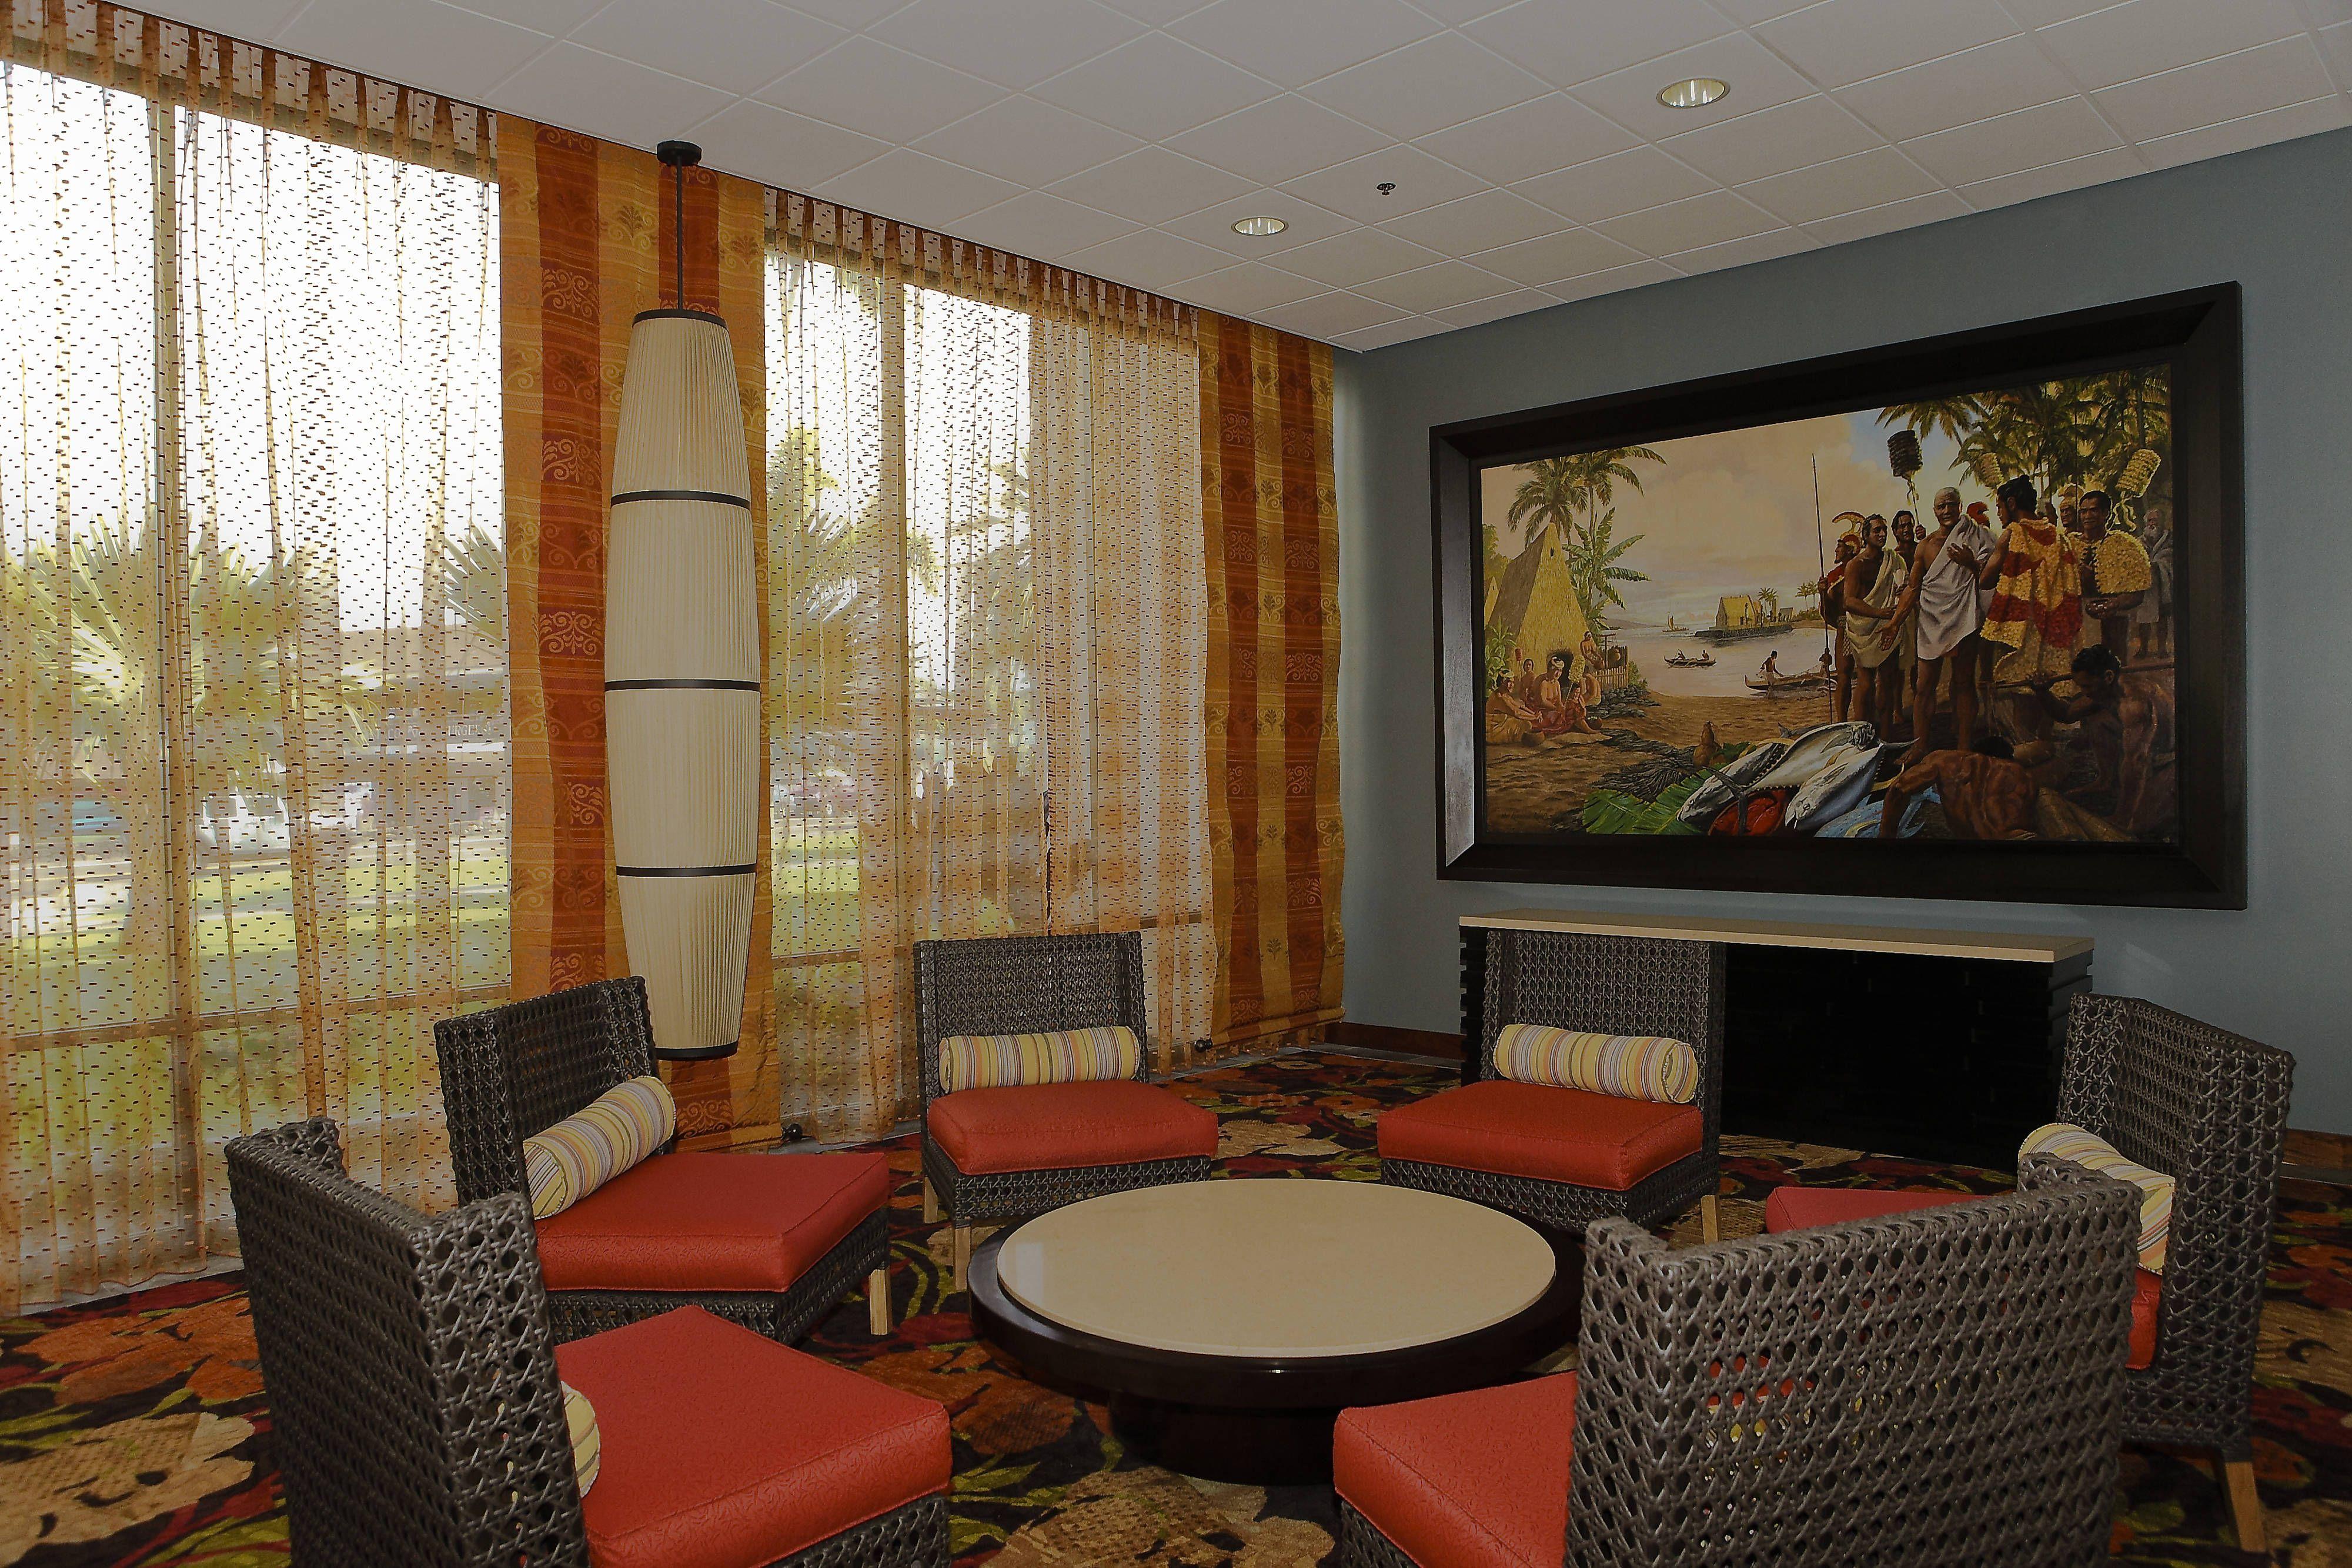 Courtyard King Kamehameha's Kona Beach Hotel Lobby Sitting